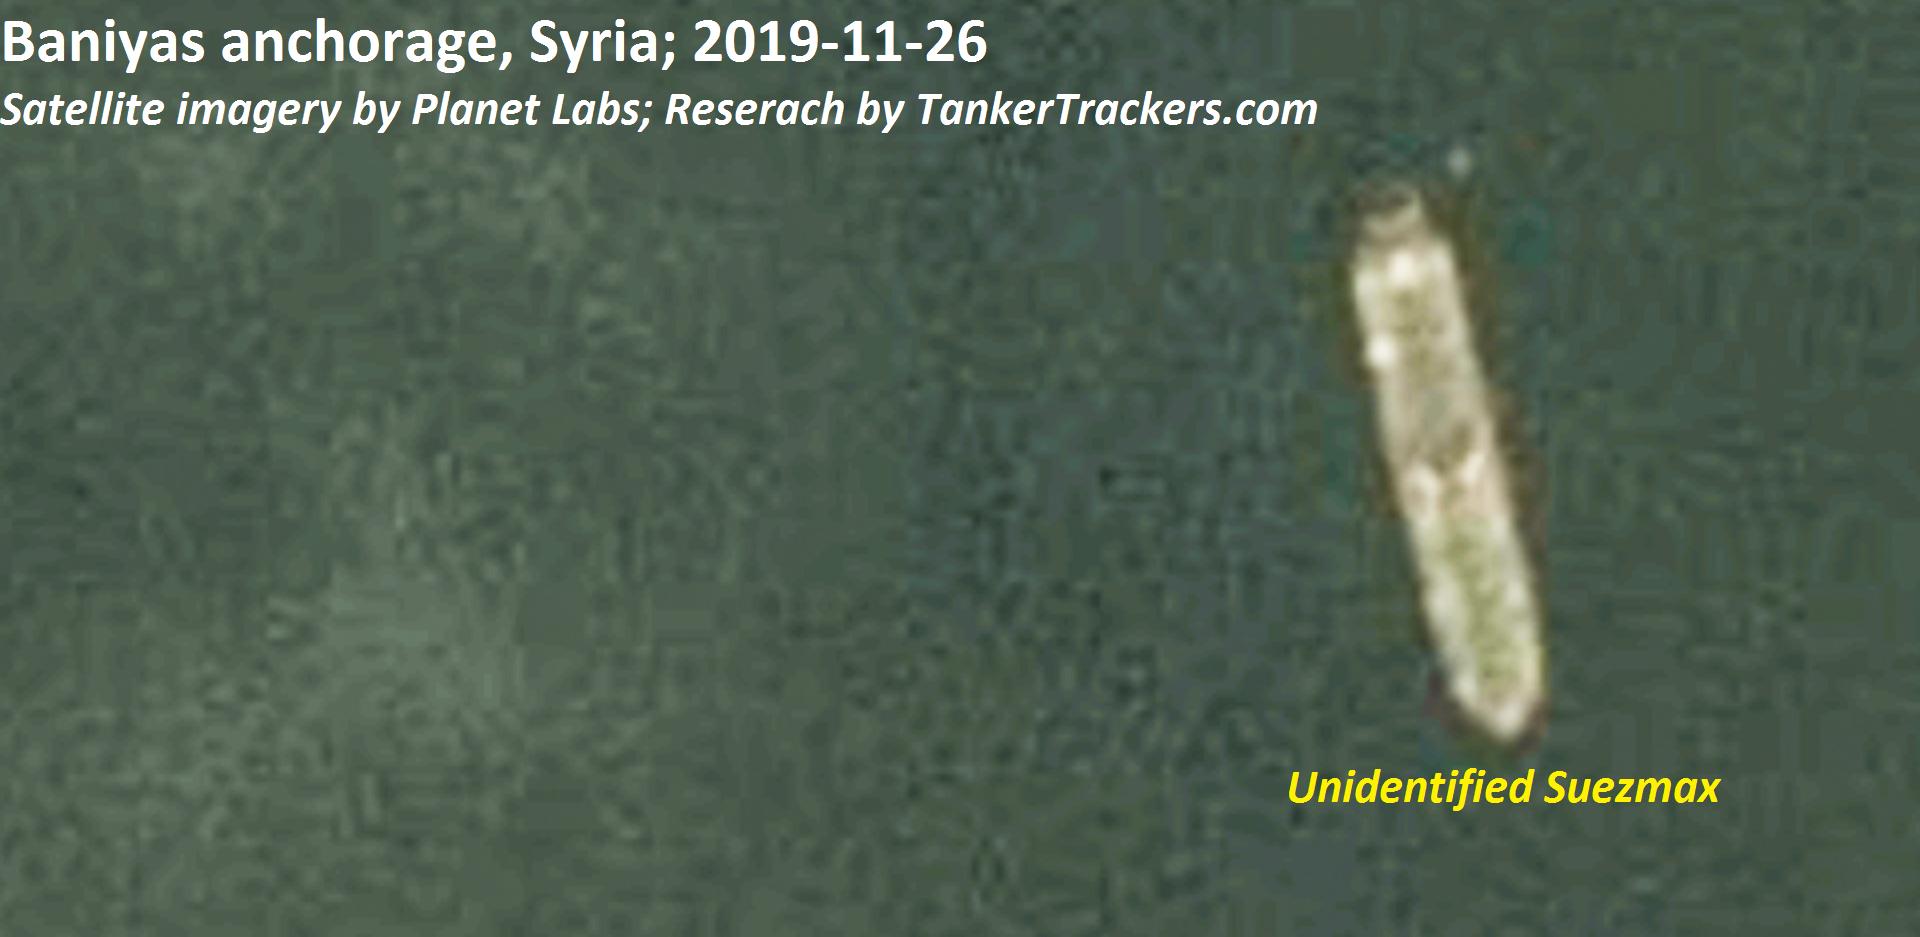 2019-11-26-UFO-at-Baniyas